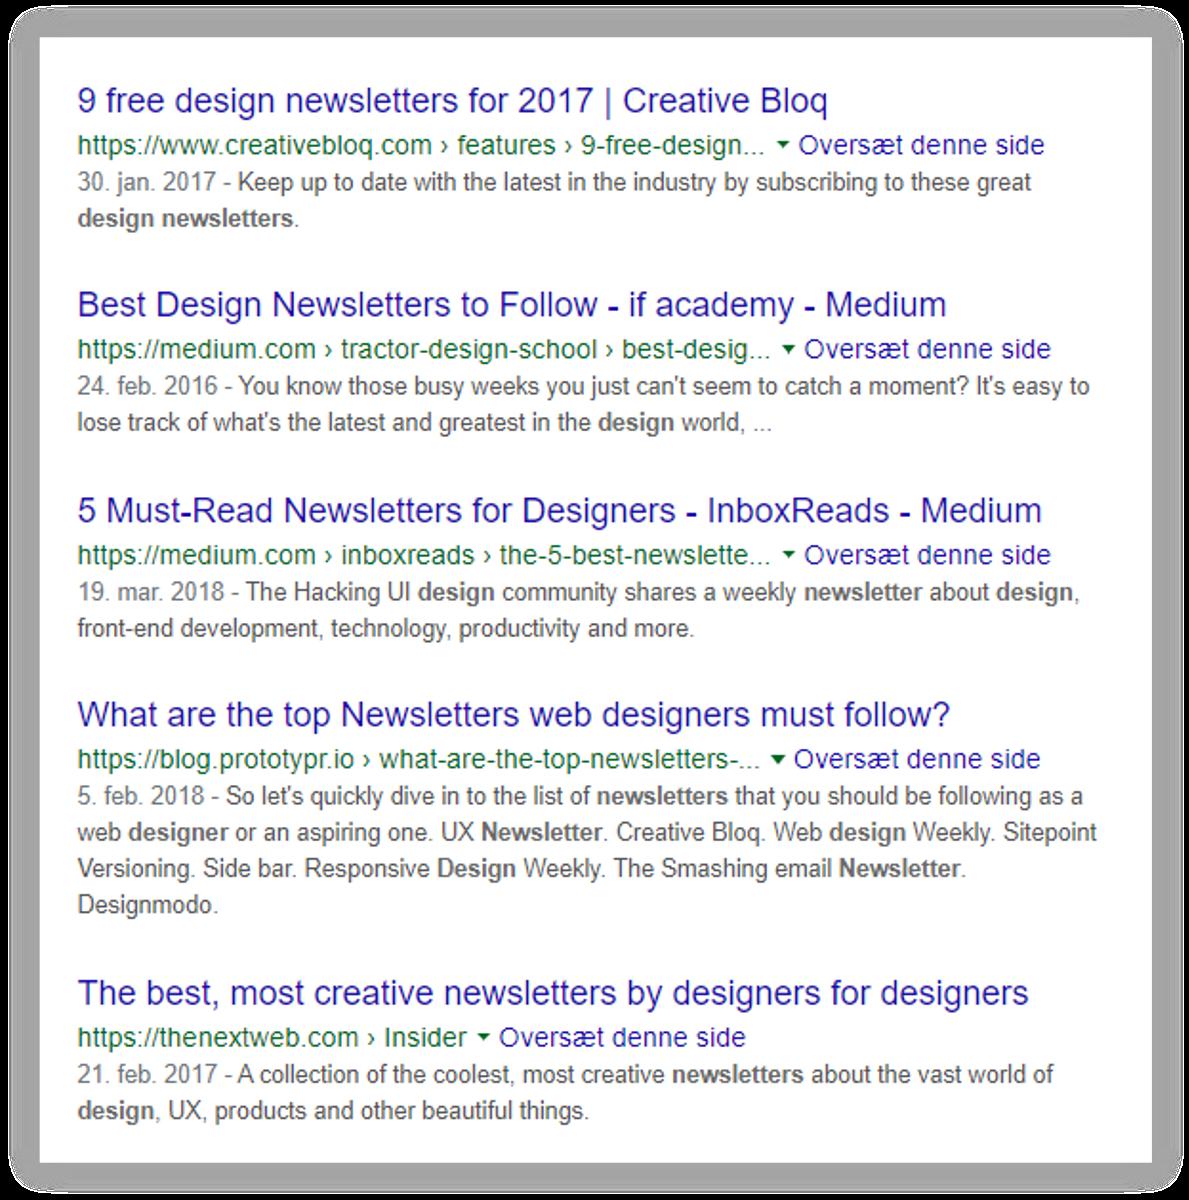 google-søgning-eksempel